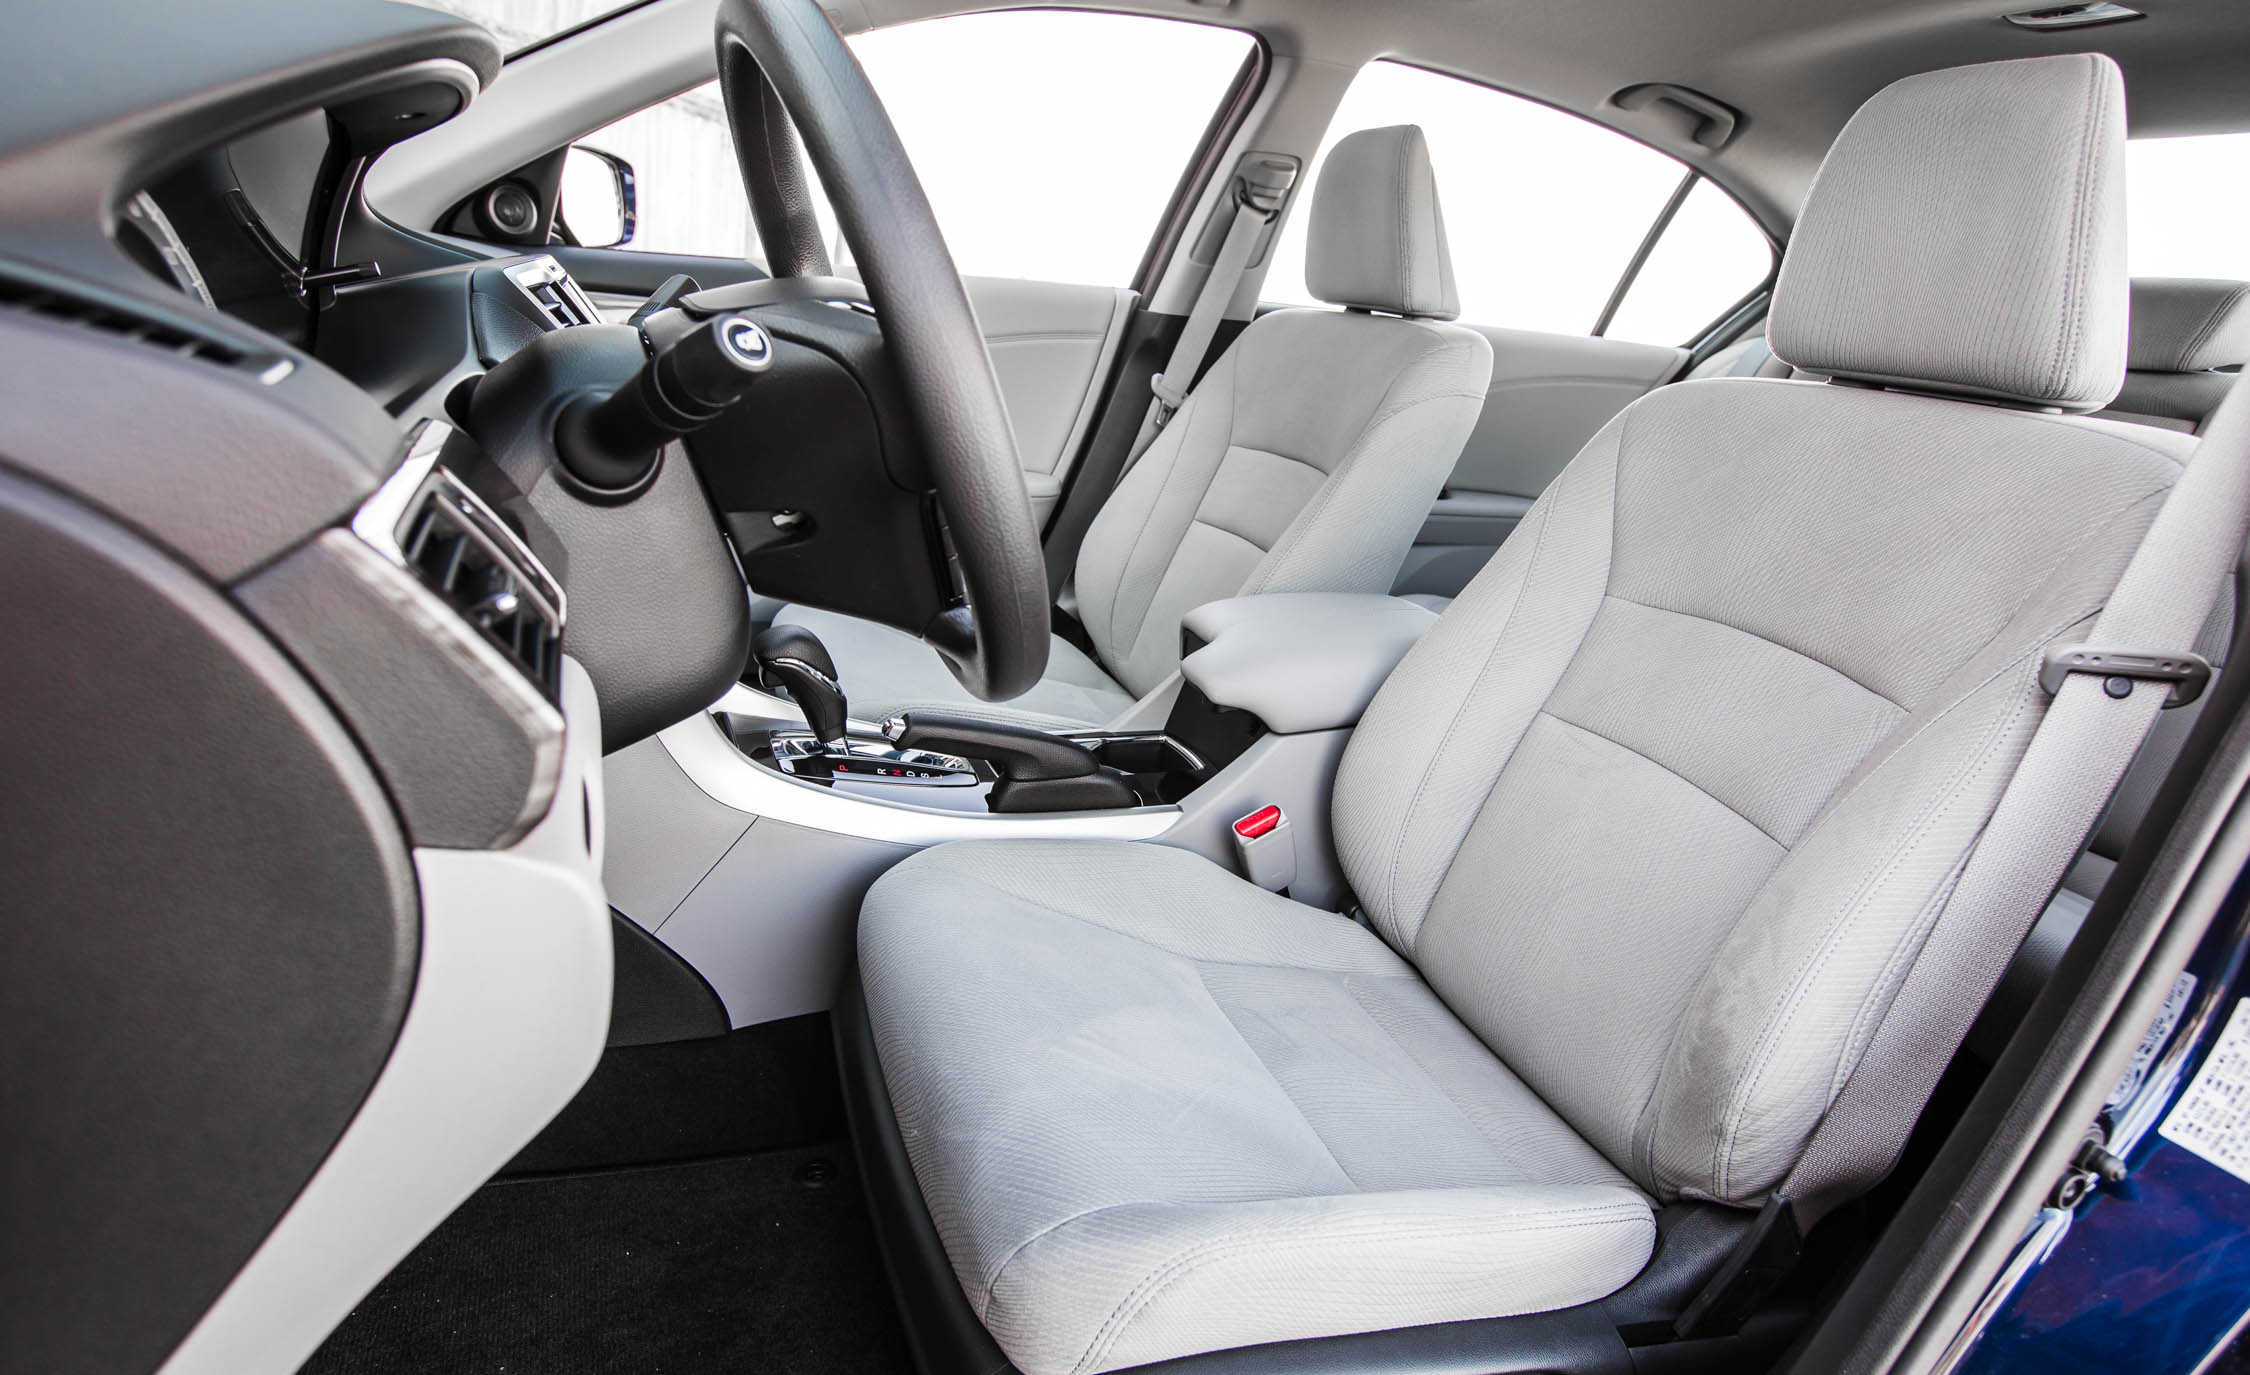 2016 Honda Accord EX Interior Cockpit Seat